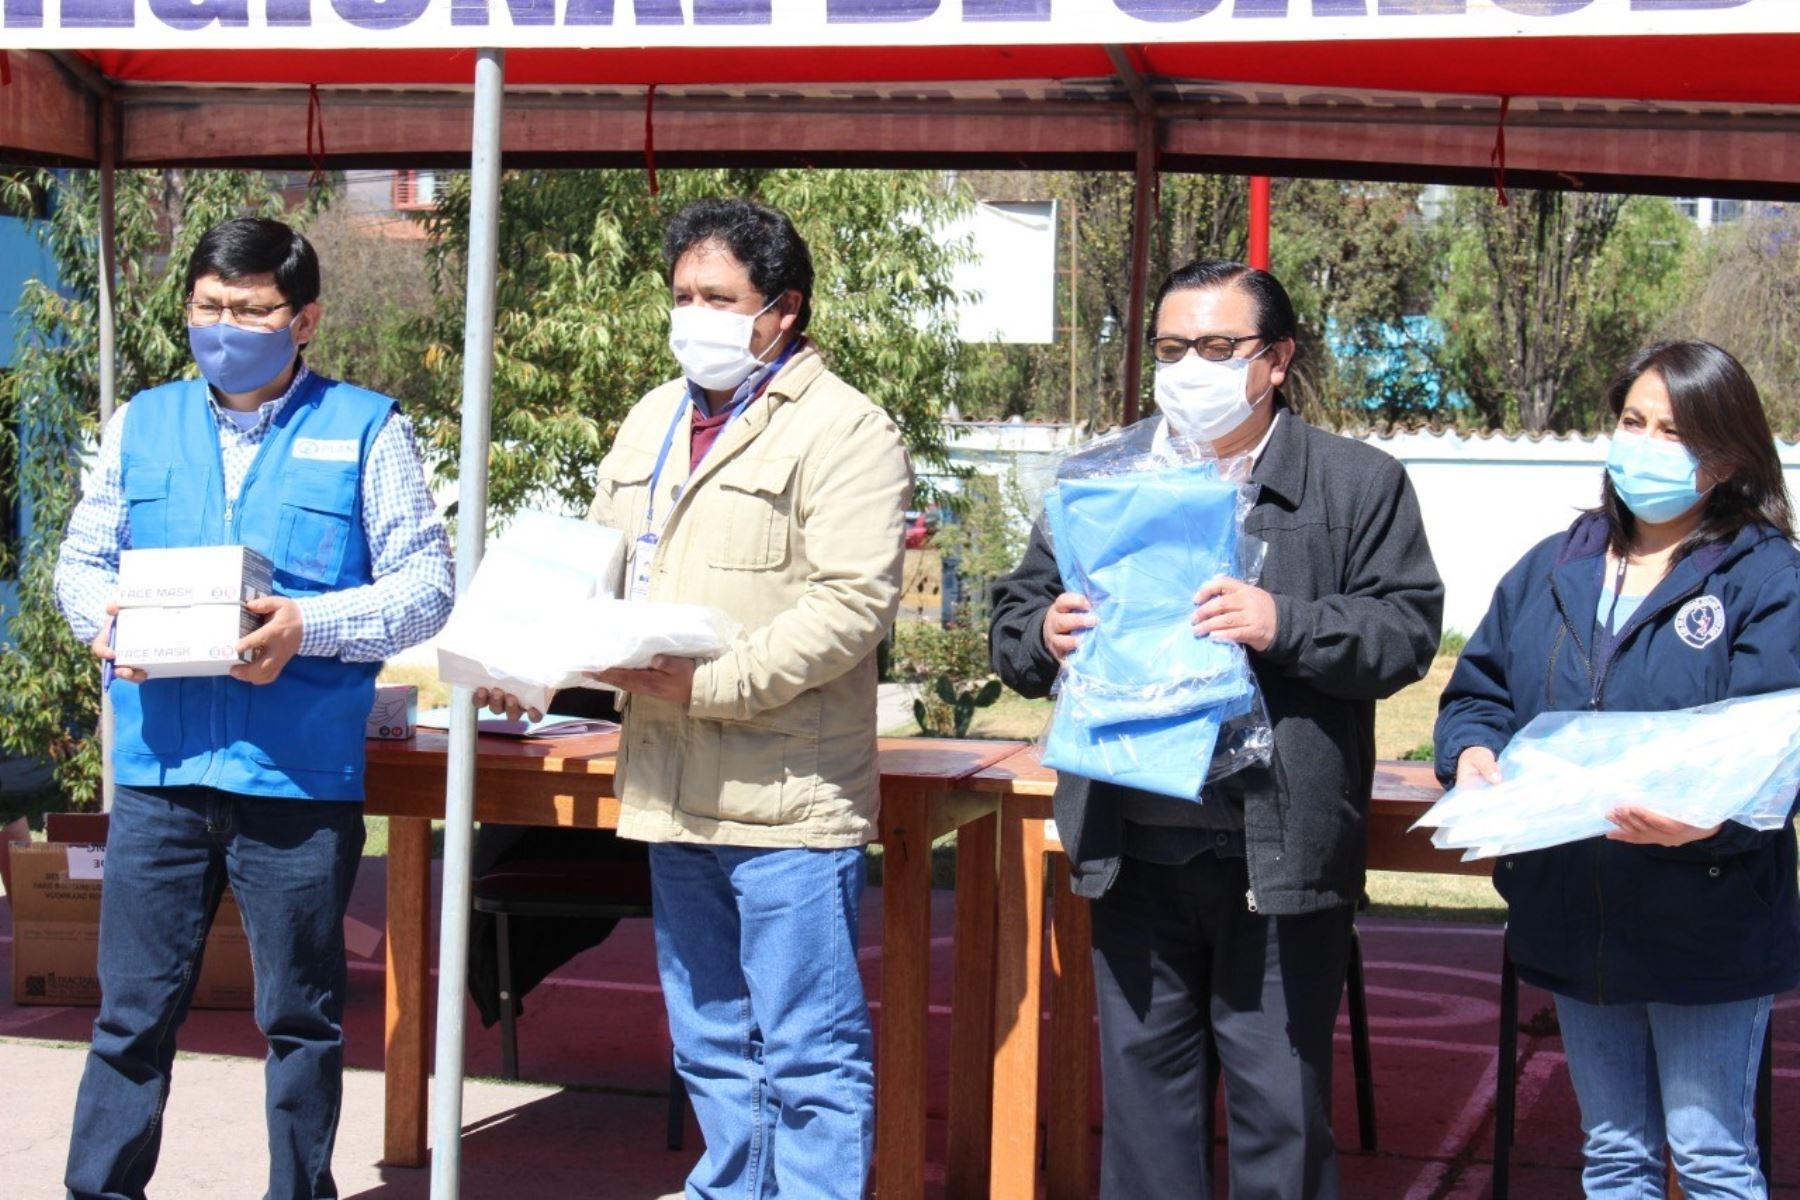 Autoridades de Cusco entregan insumos de protección al personal de la red Cusco Sur y Chumbivilcas y anuncian que intensificarán control en provincia de La Convención por aumento de casos de coronavirus. ANDINA/Difusión